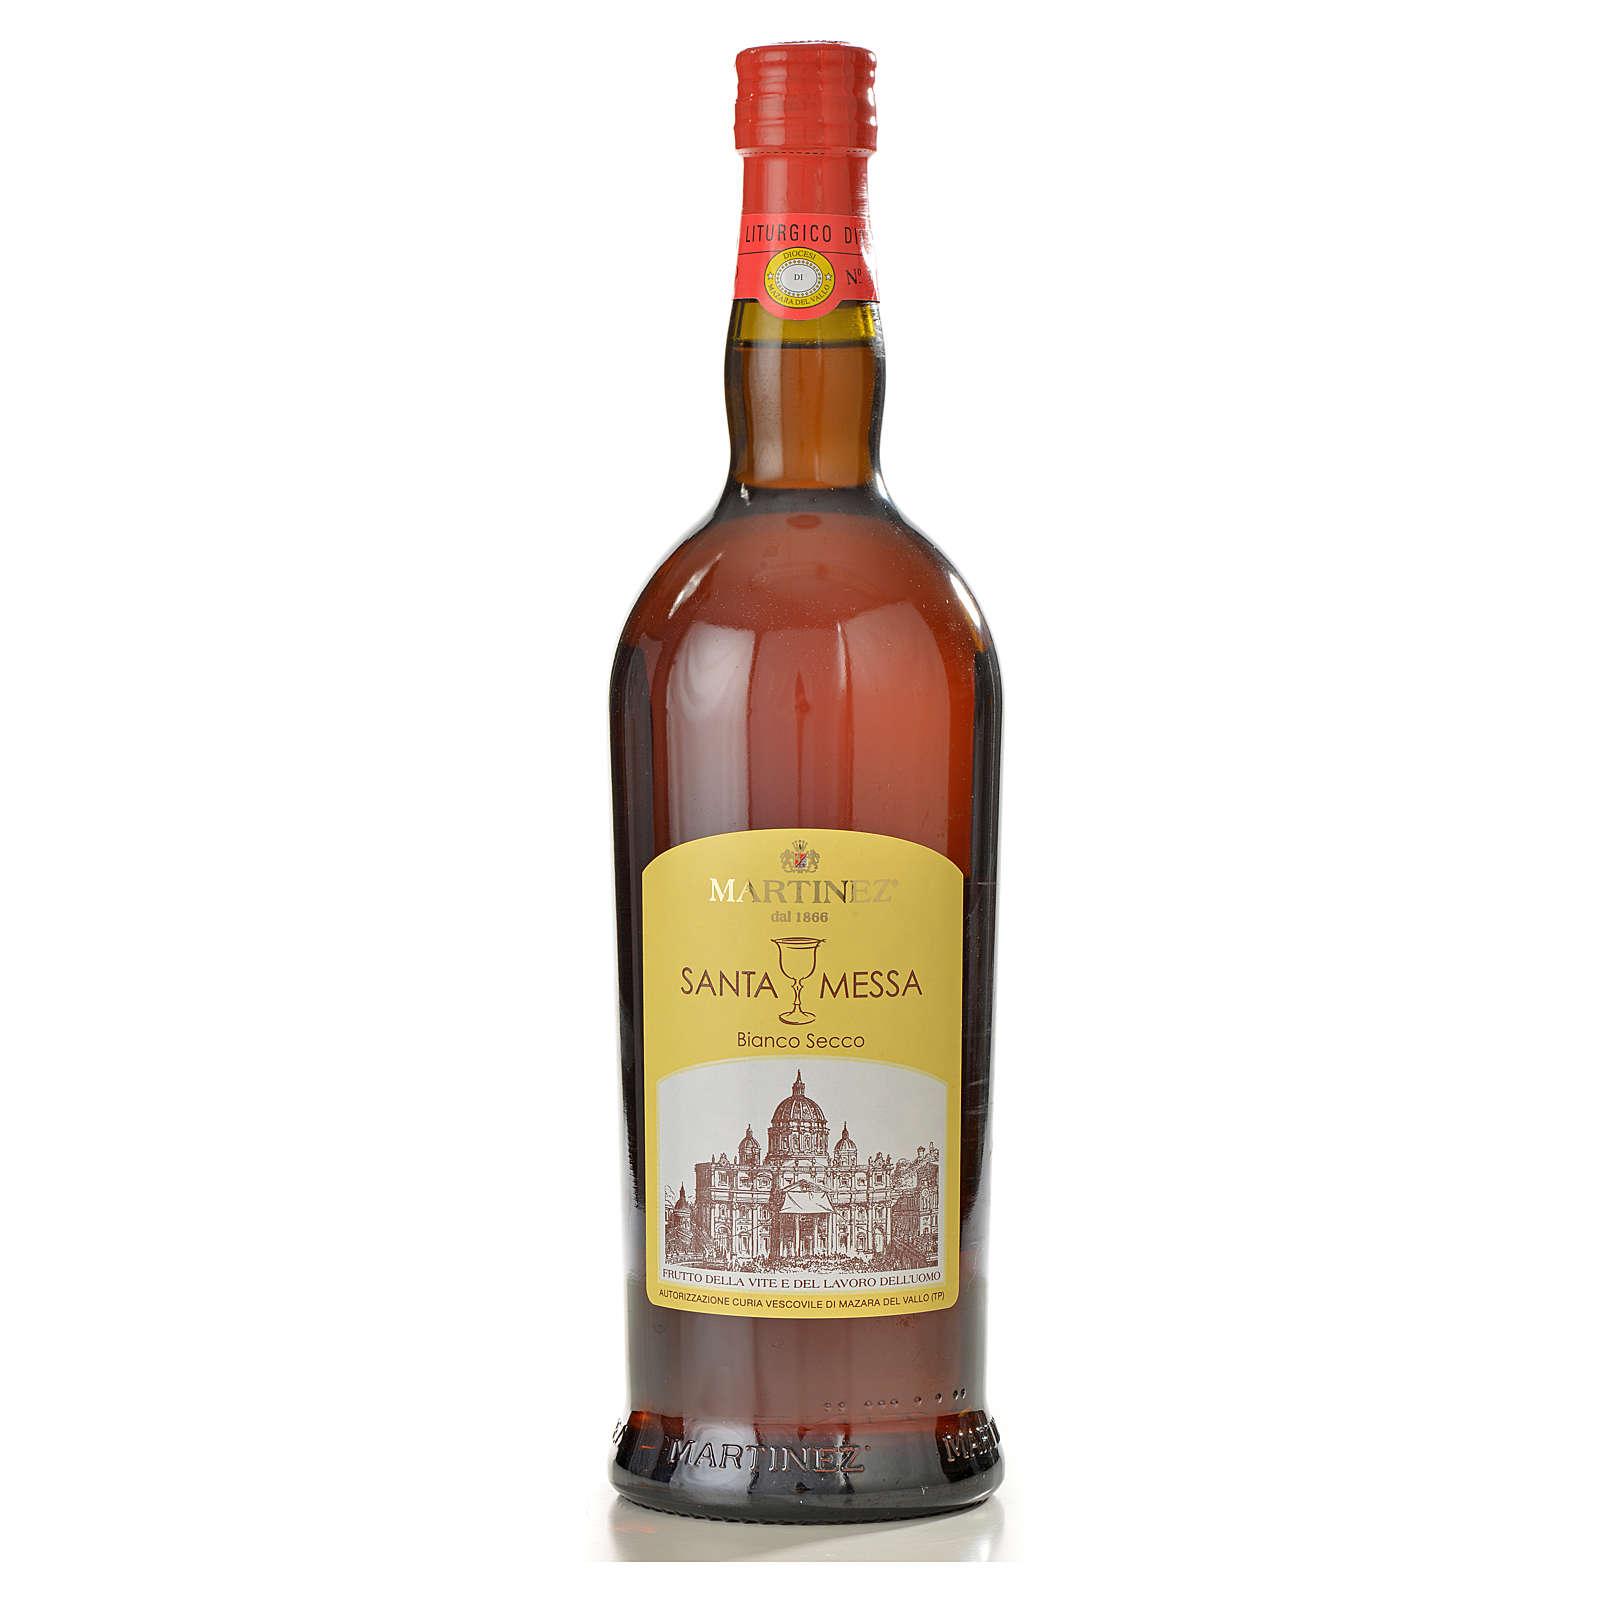 Vinho de Missa branco seco Martinez 3